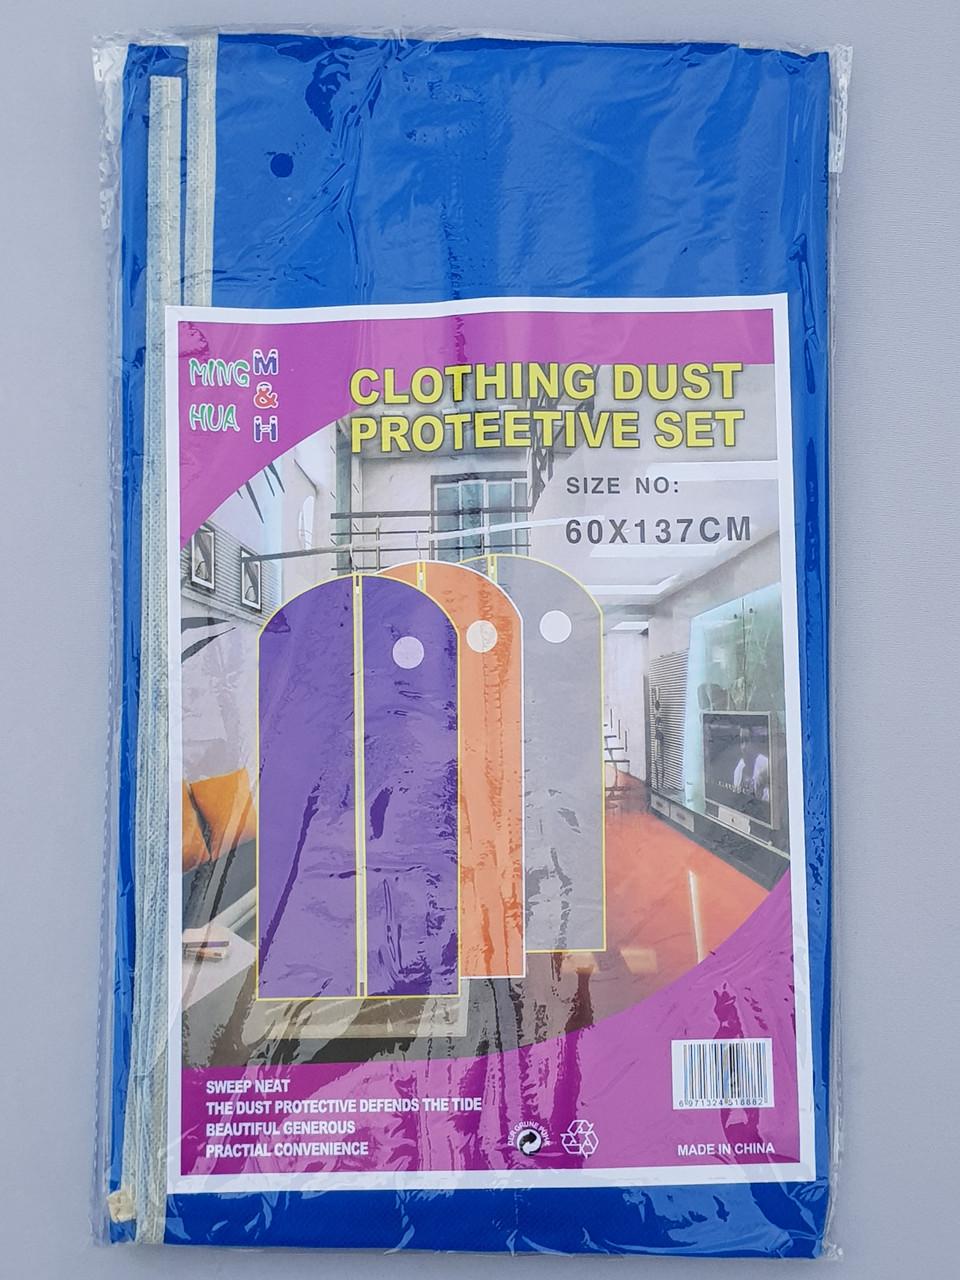 Чехол для хранения и упаковки одежды  на молнии флизелиновый  голубого цвета. Размер 60 см*137 см.